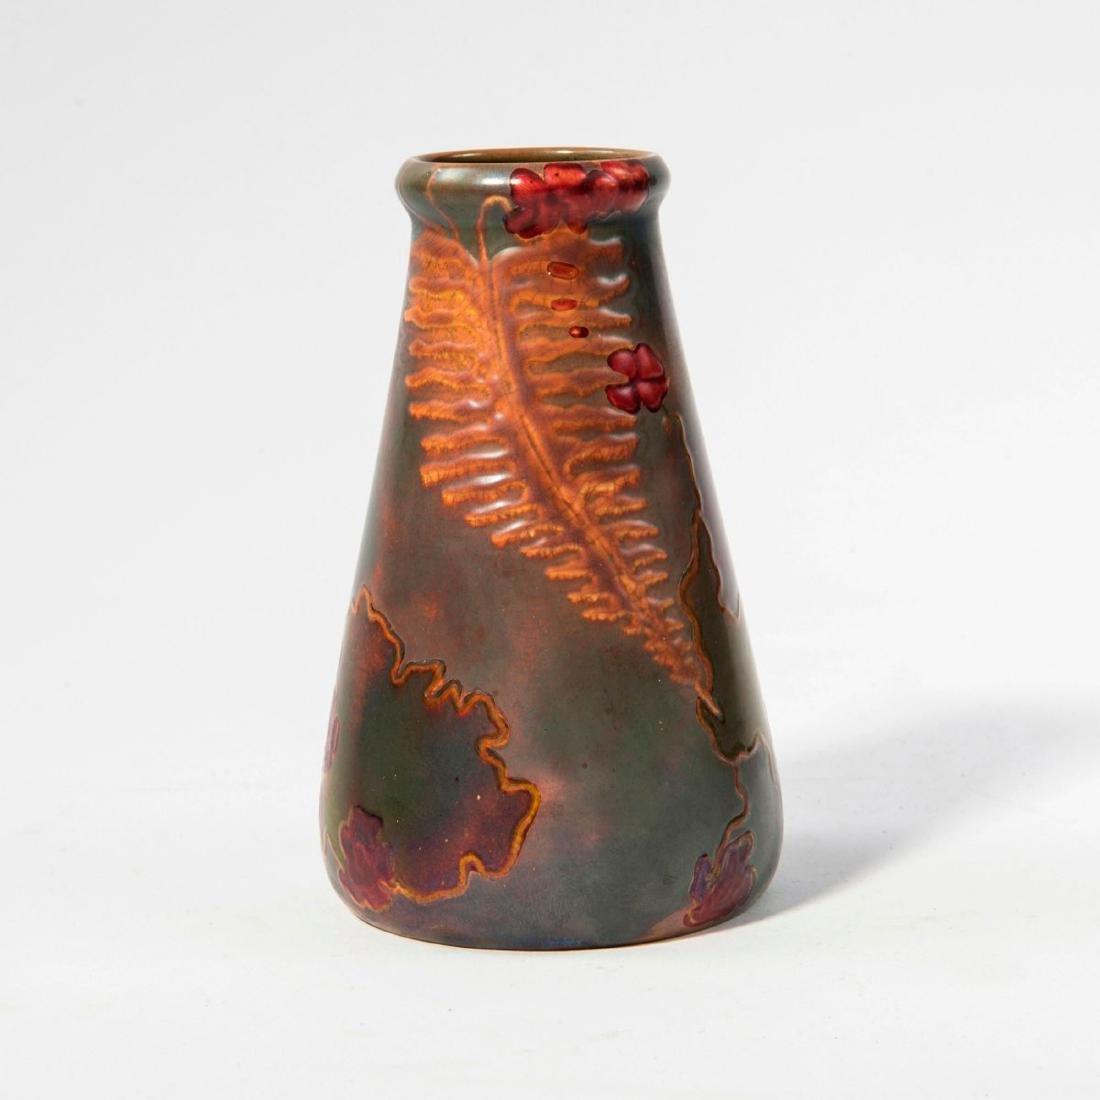 Small vase, c. 1900